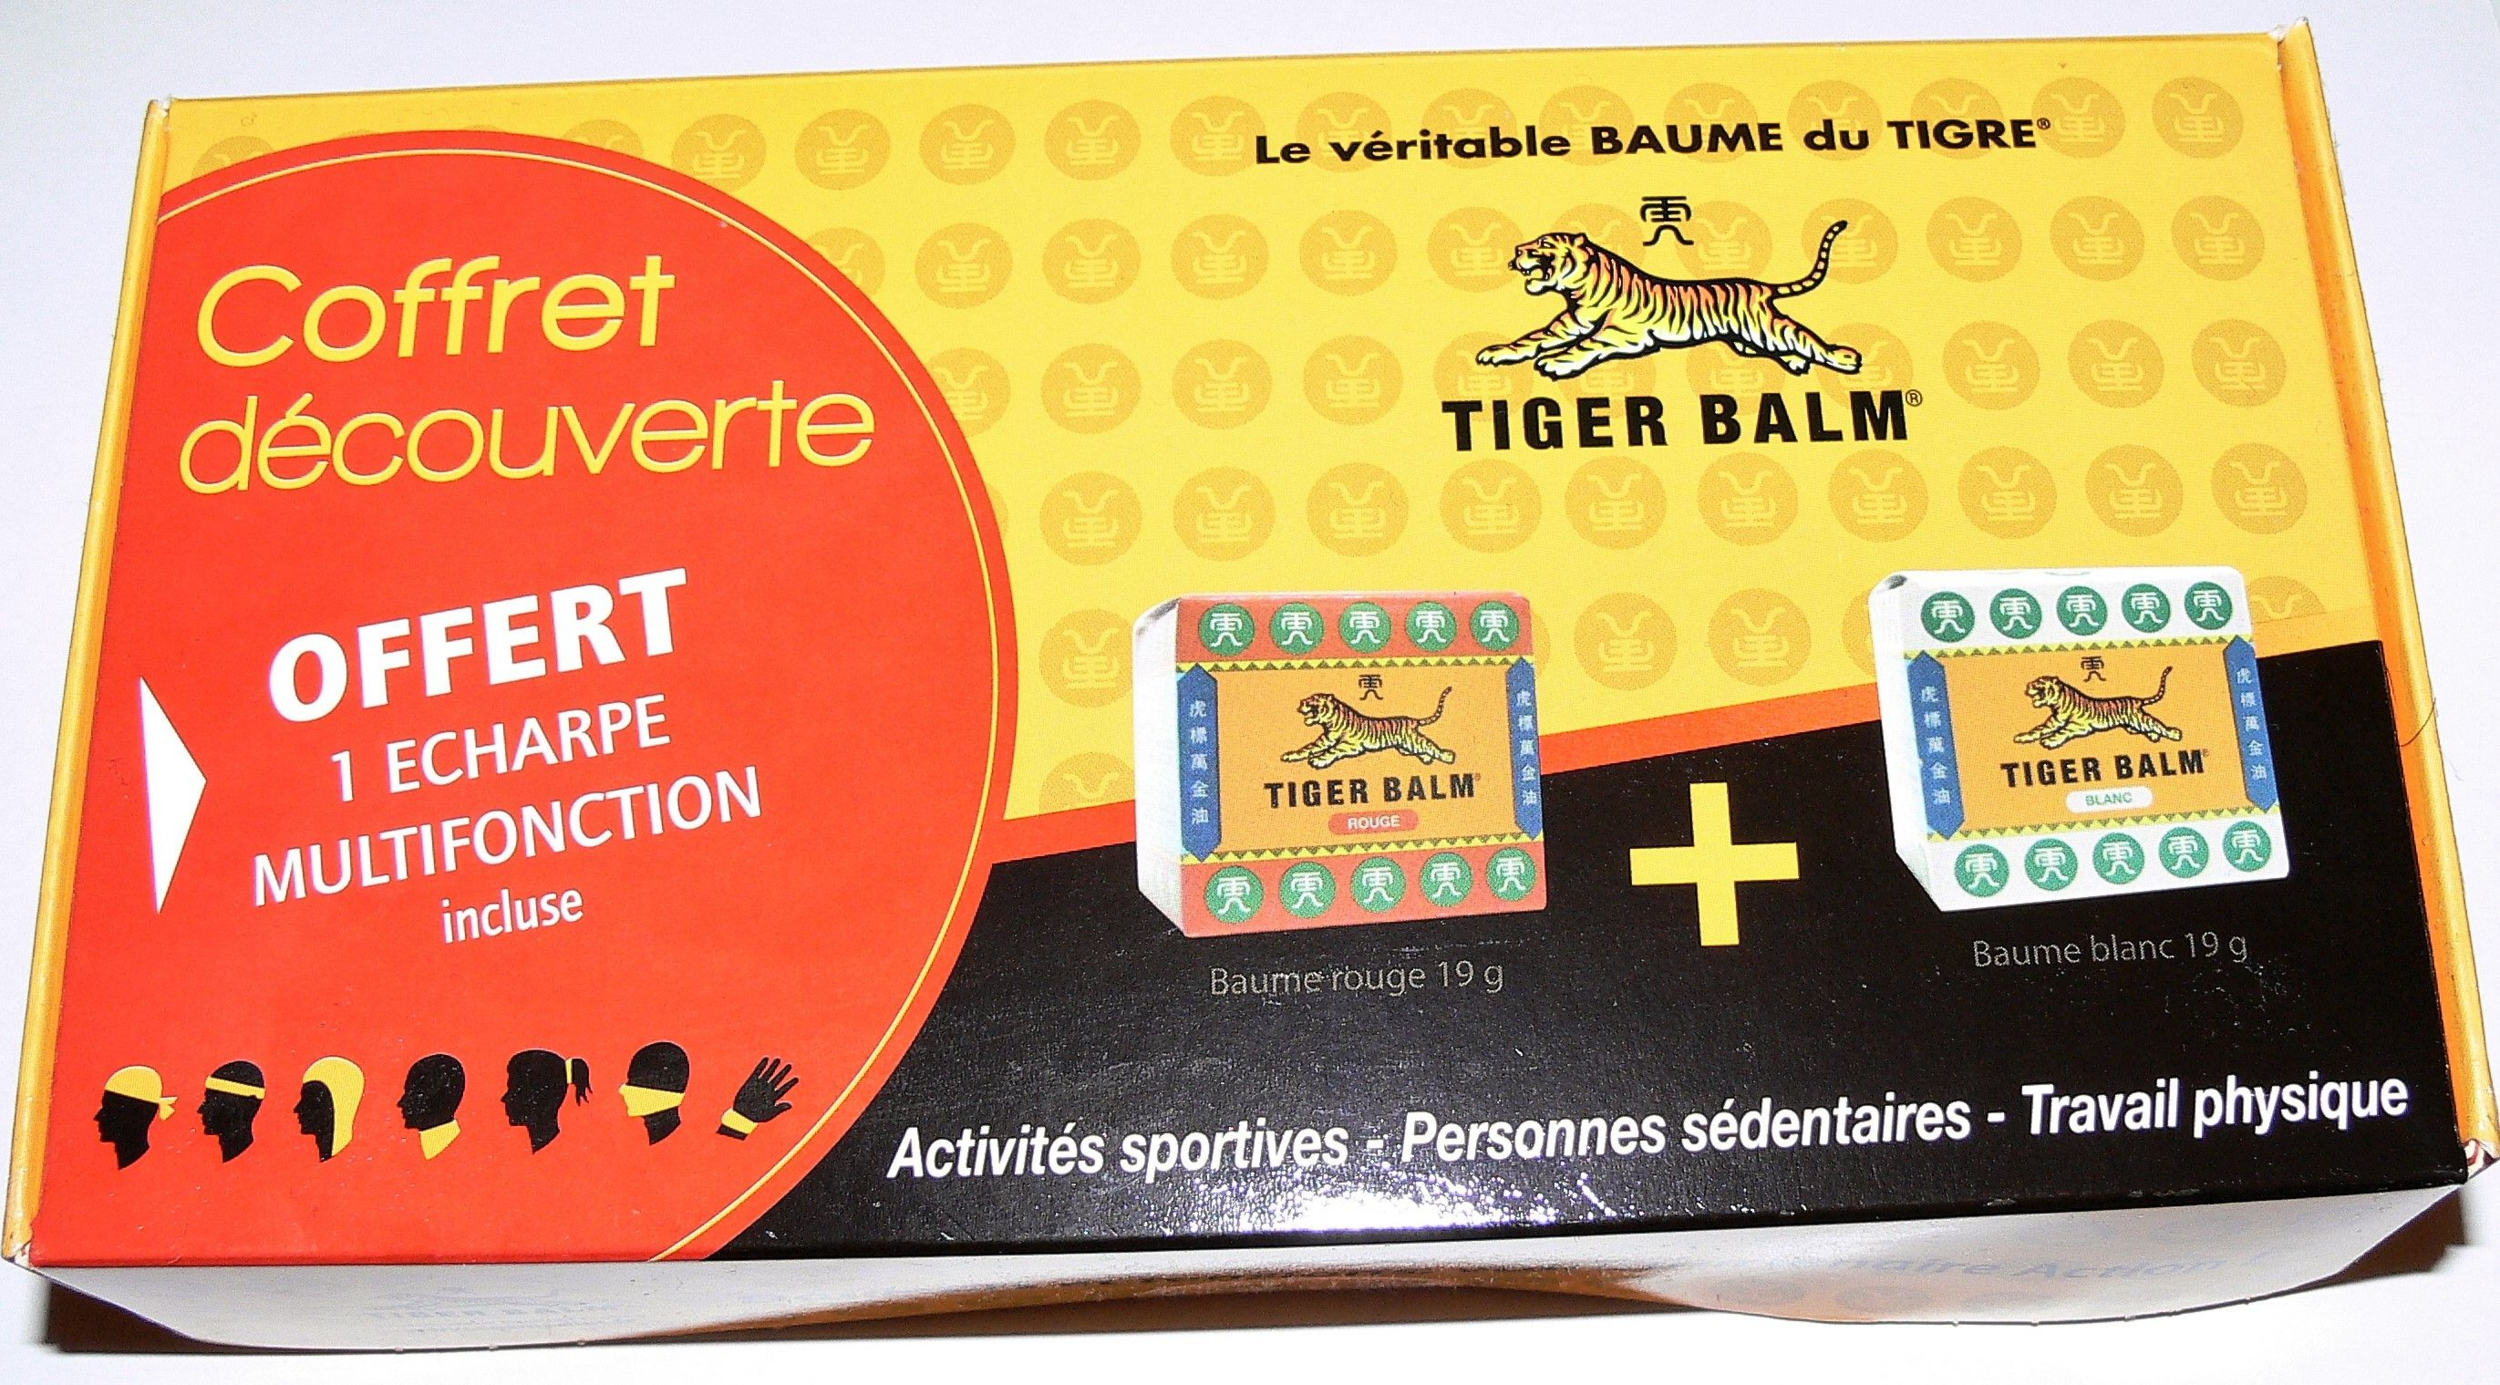 Baume du Tigre Coffret découverte : Baume blanc 19 g + Baume Rouge 19 g + Echarpe multifonction contre les douleurs et les tensions